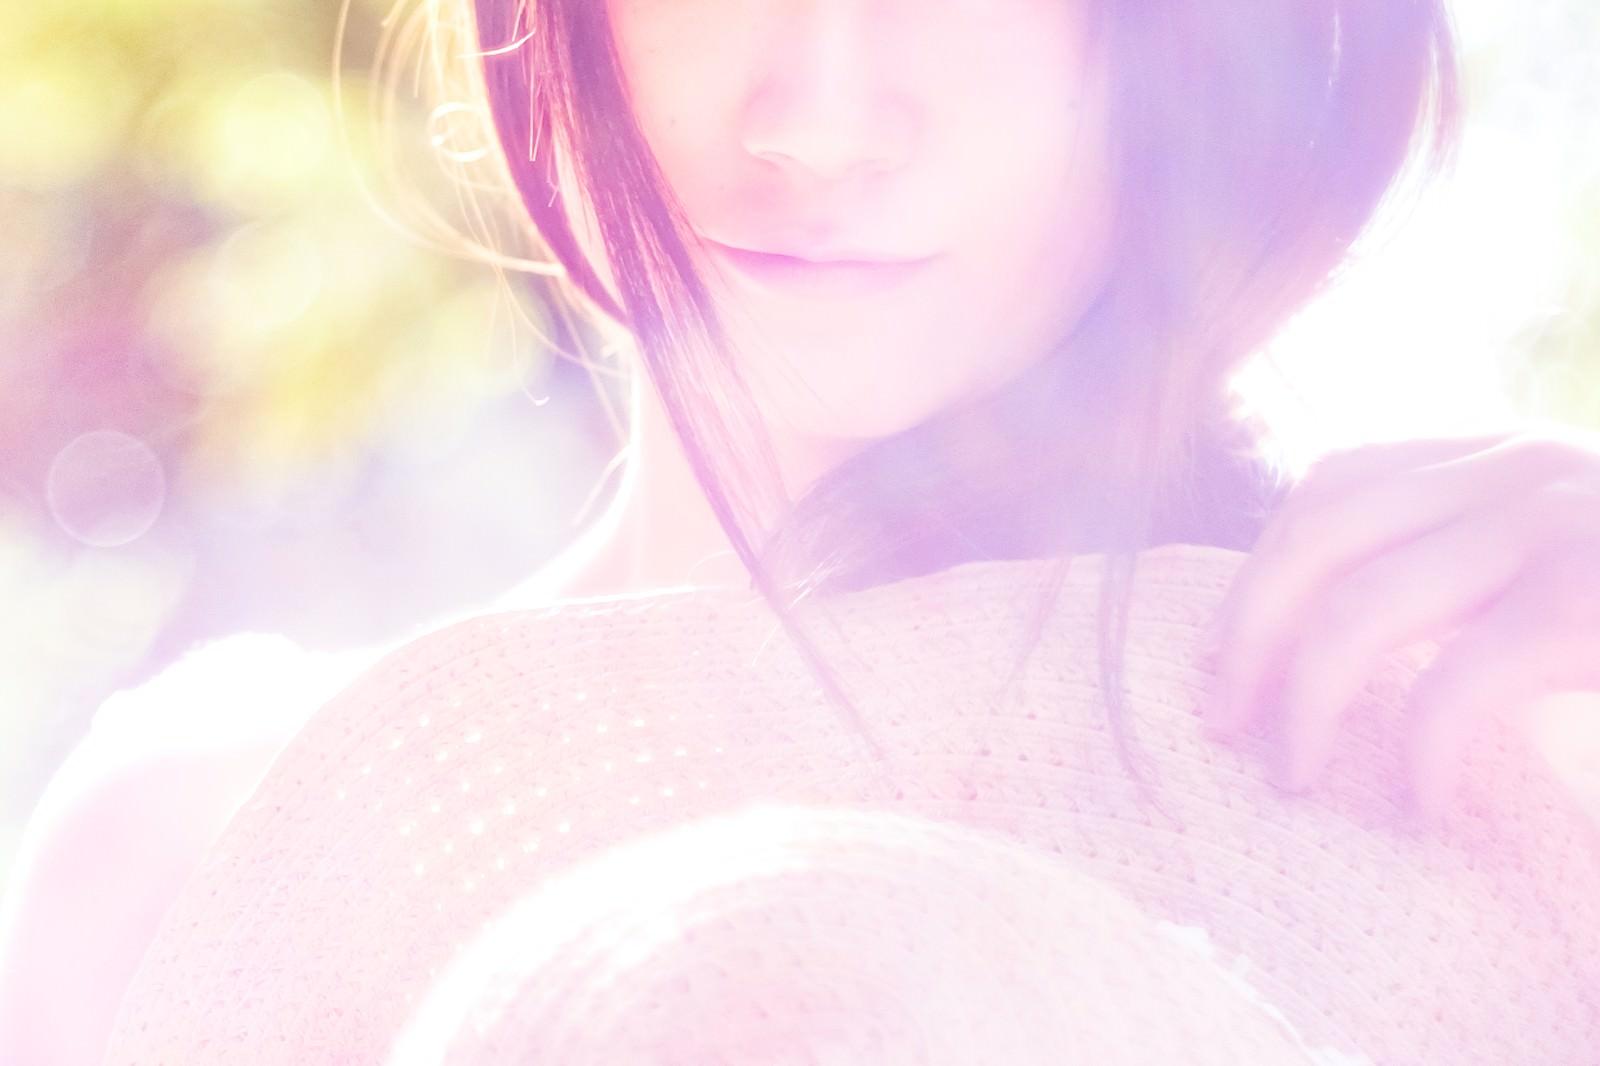 「夏の配色(パステルカラー)と女性夏の配色(パステルカラー)と女性」のフリー写真素材を拡大